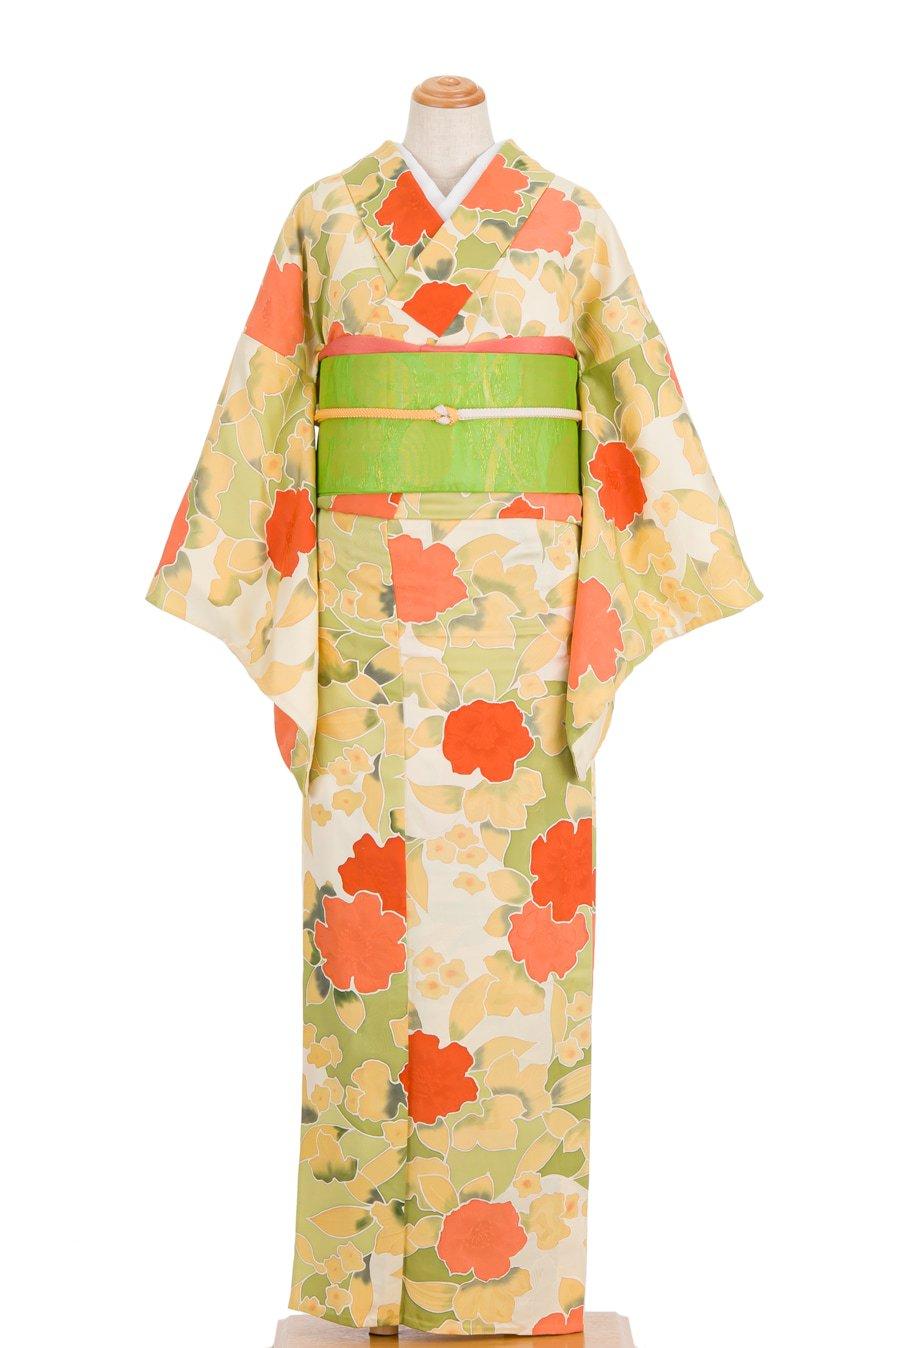 「単衣 地紋起こし オレンジの花」の商品画像